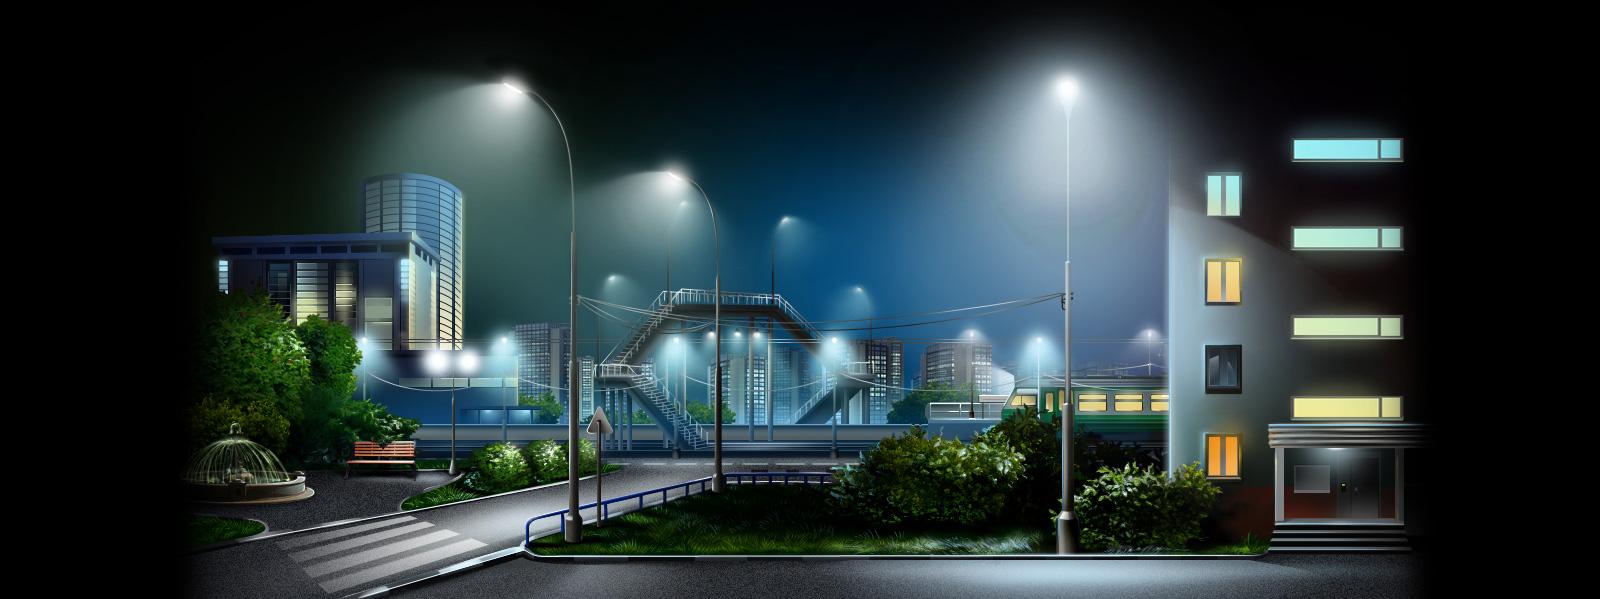 Прожектор светодиодный 100 вт уличный в спб